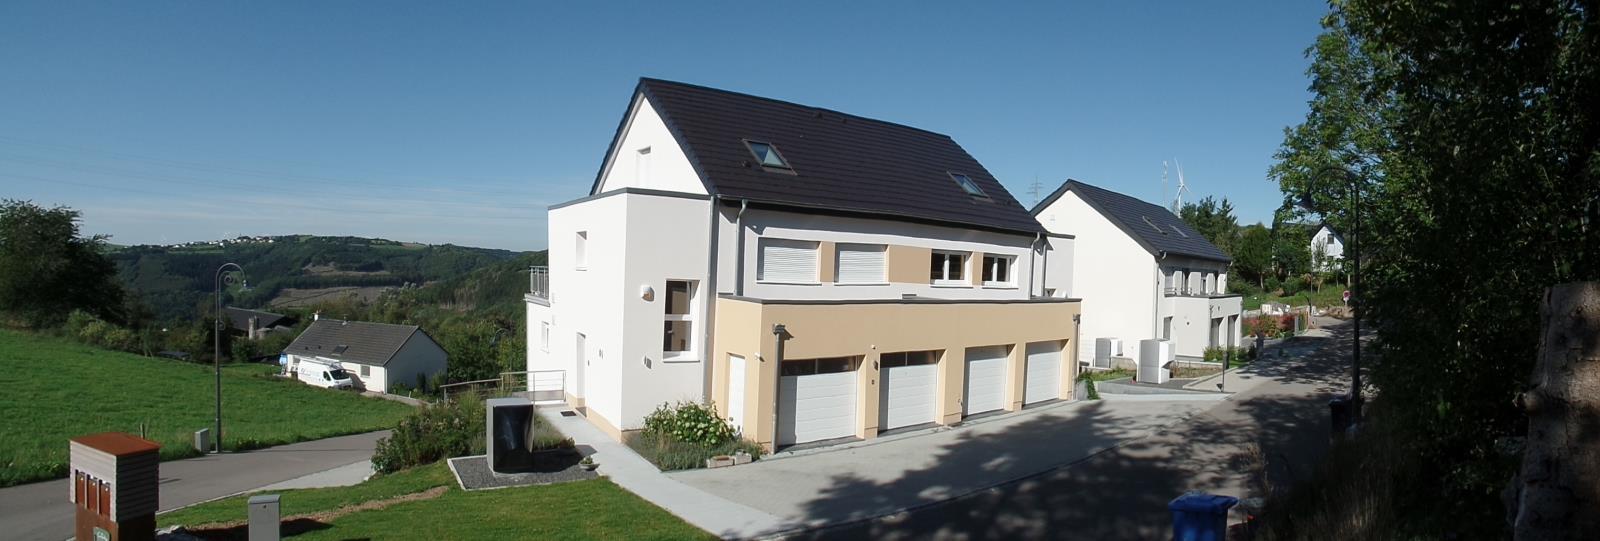 Wansart r novation maison basse nergie editus for Renovation maison subvention gouvernement